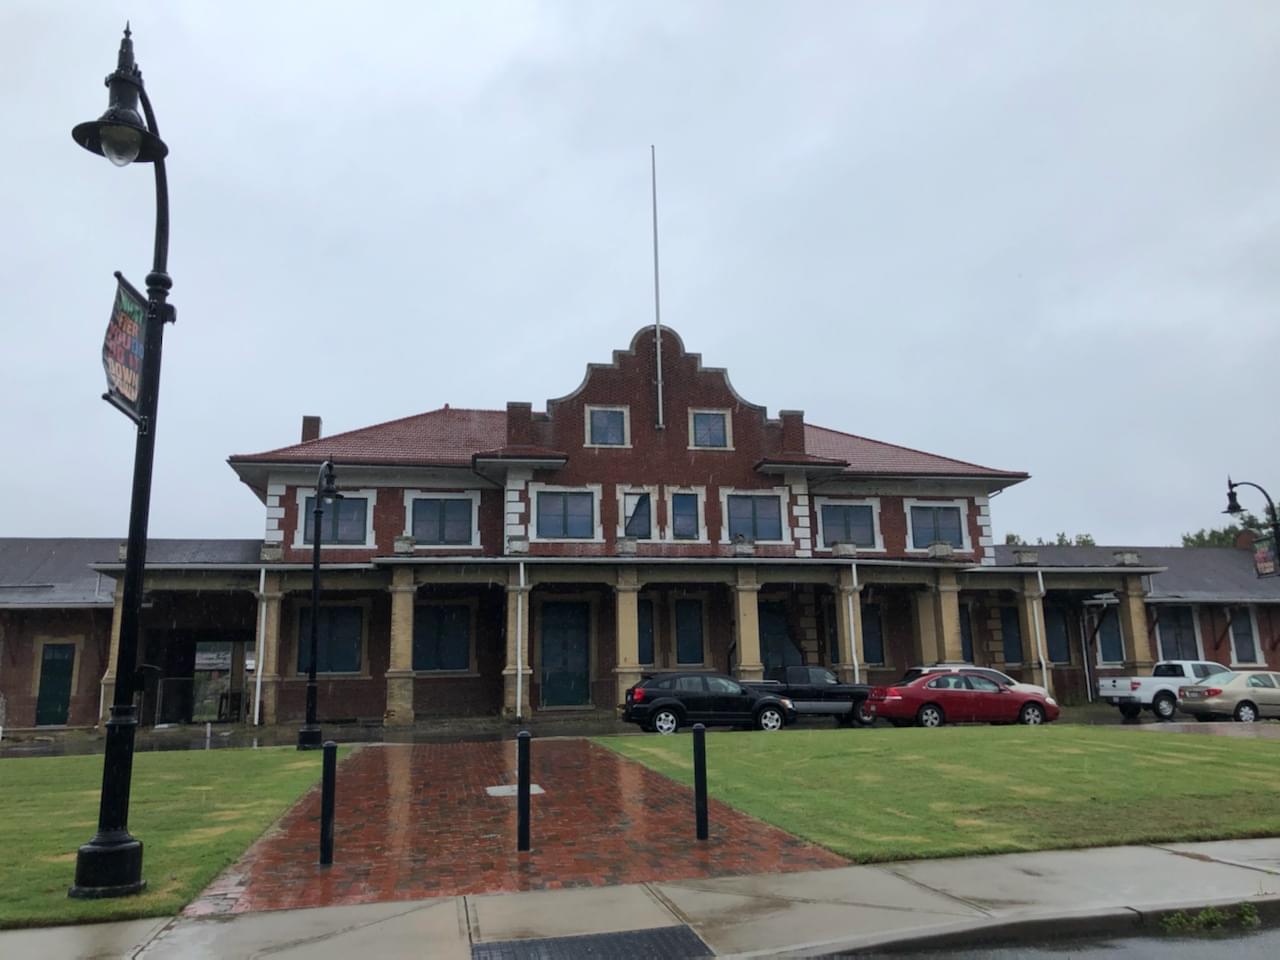 City Eyes Redevelopment Of Union Station